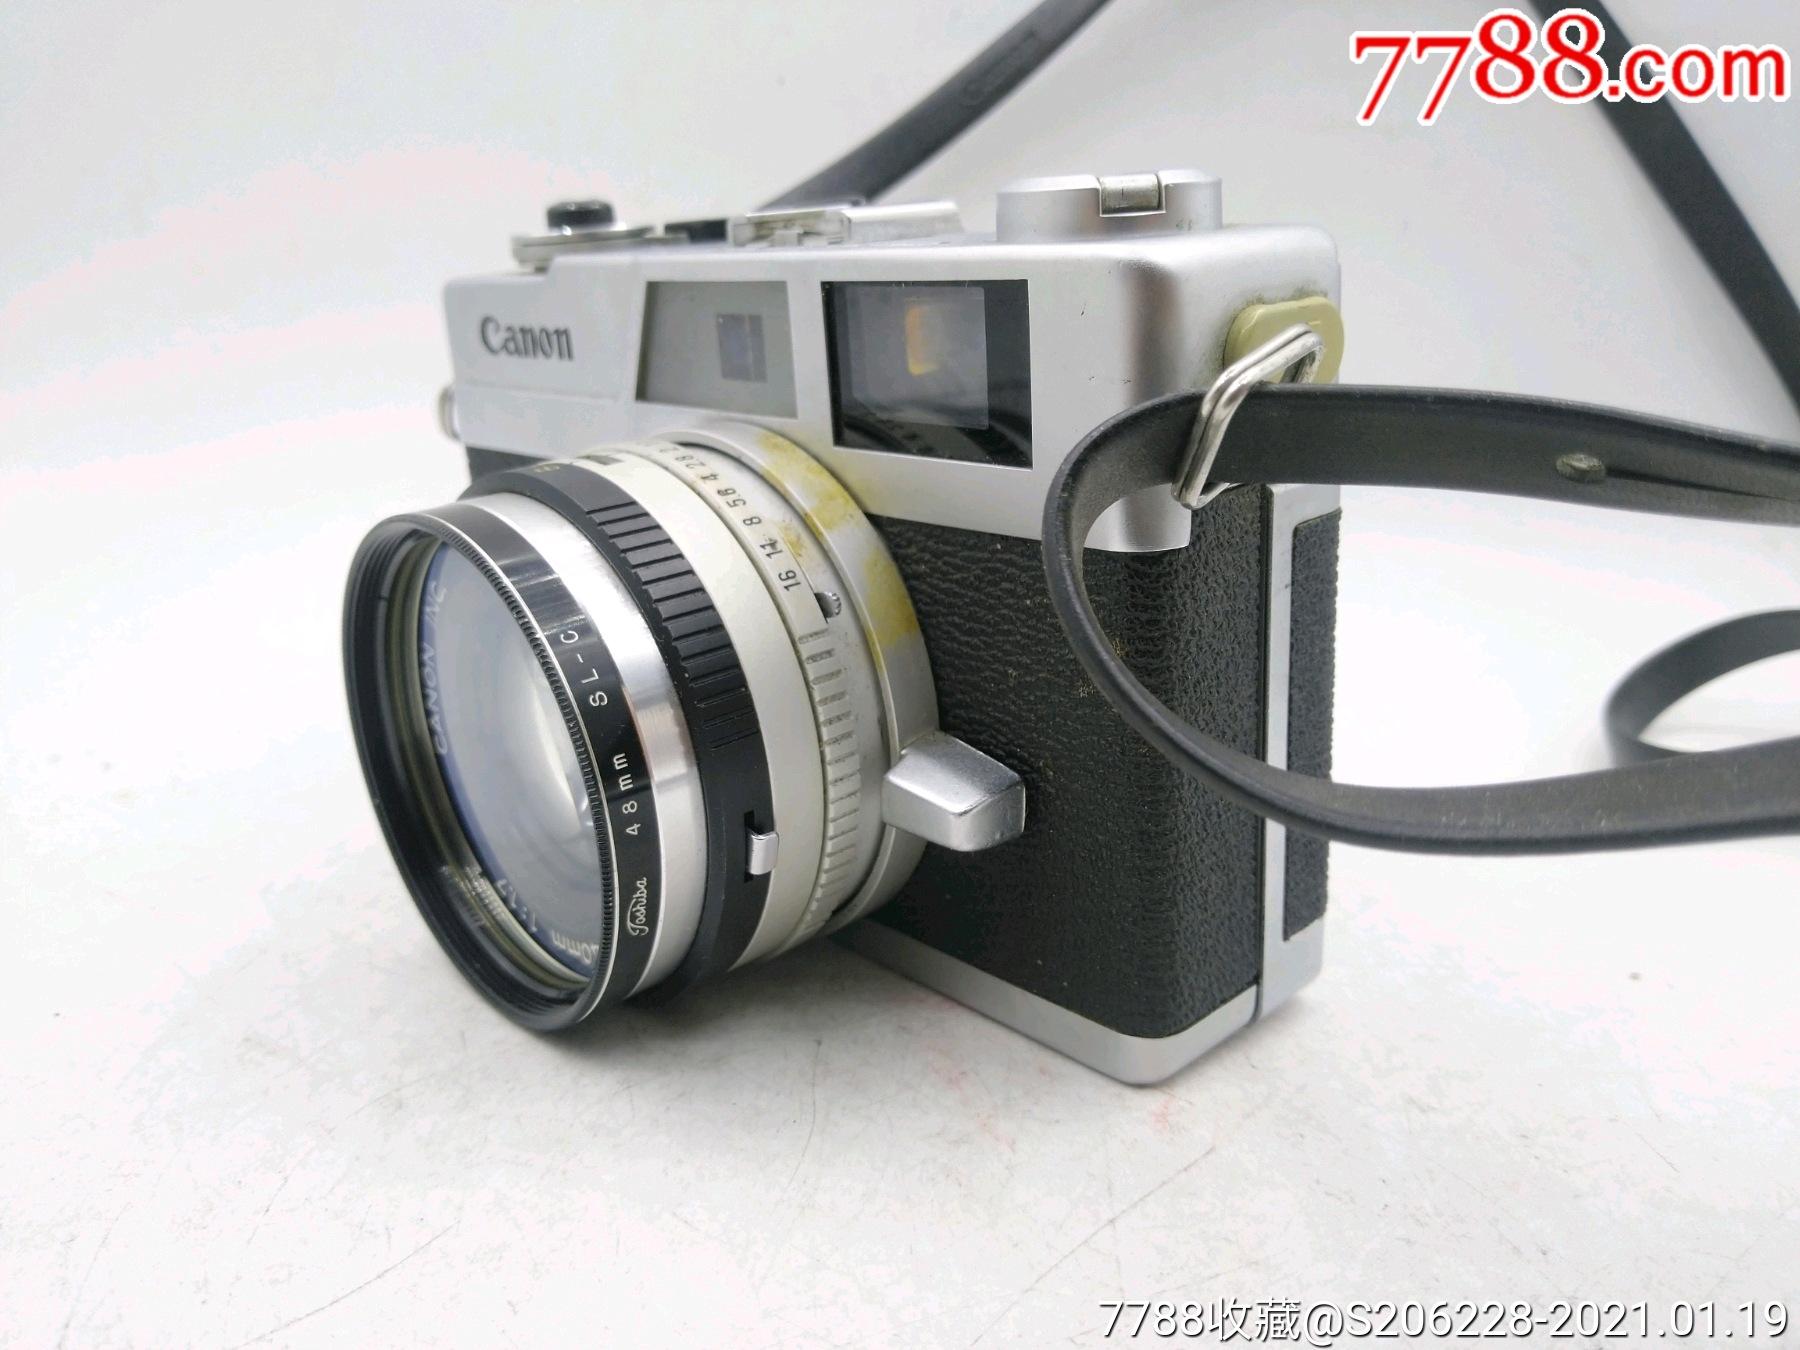 229★Canon_Canonet-QL17旁軸相機/機身編號:643049_價格260元_第3張_